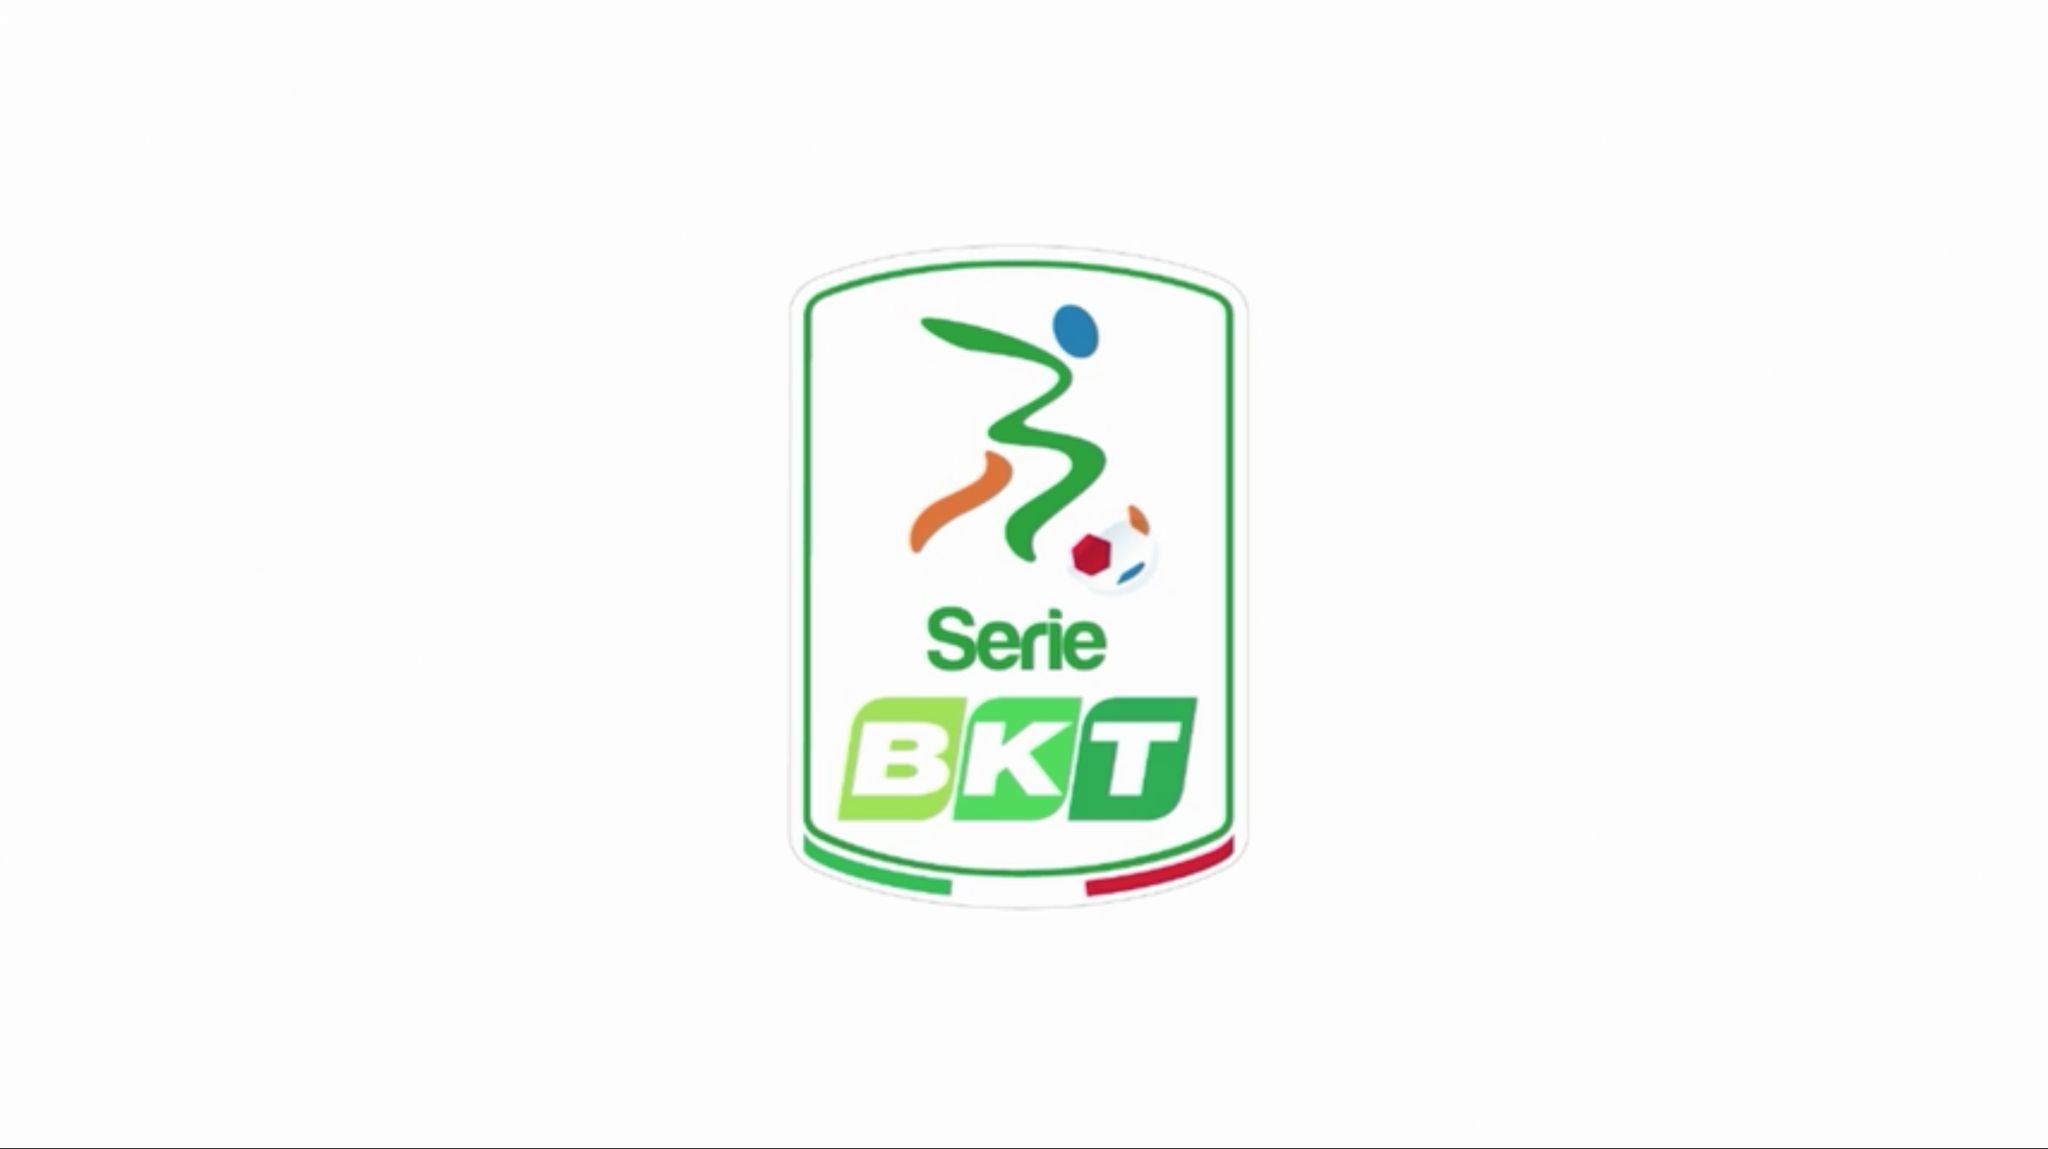 Calendario Serie B 18 19.Serie B Ufficiale Campionato A 19 Squadre E Lunedi Il